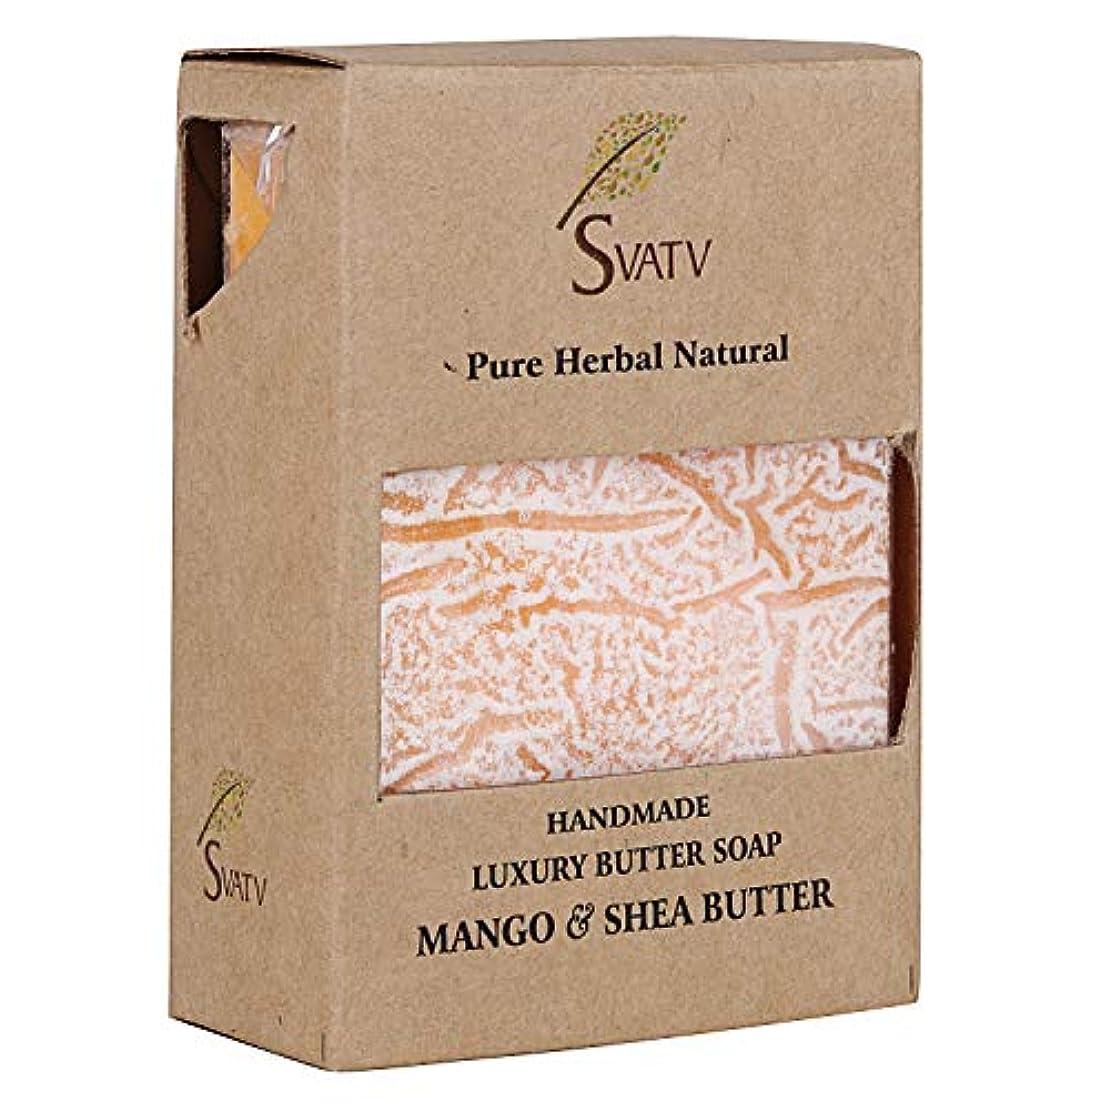 化学者ドロー実質的にSVATV Handmade Luxury Butter Soap Mango & Shea Butter For All Skin types 100g Bar